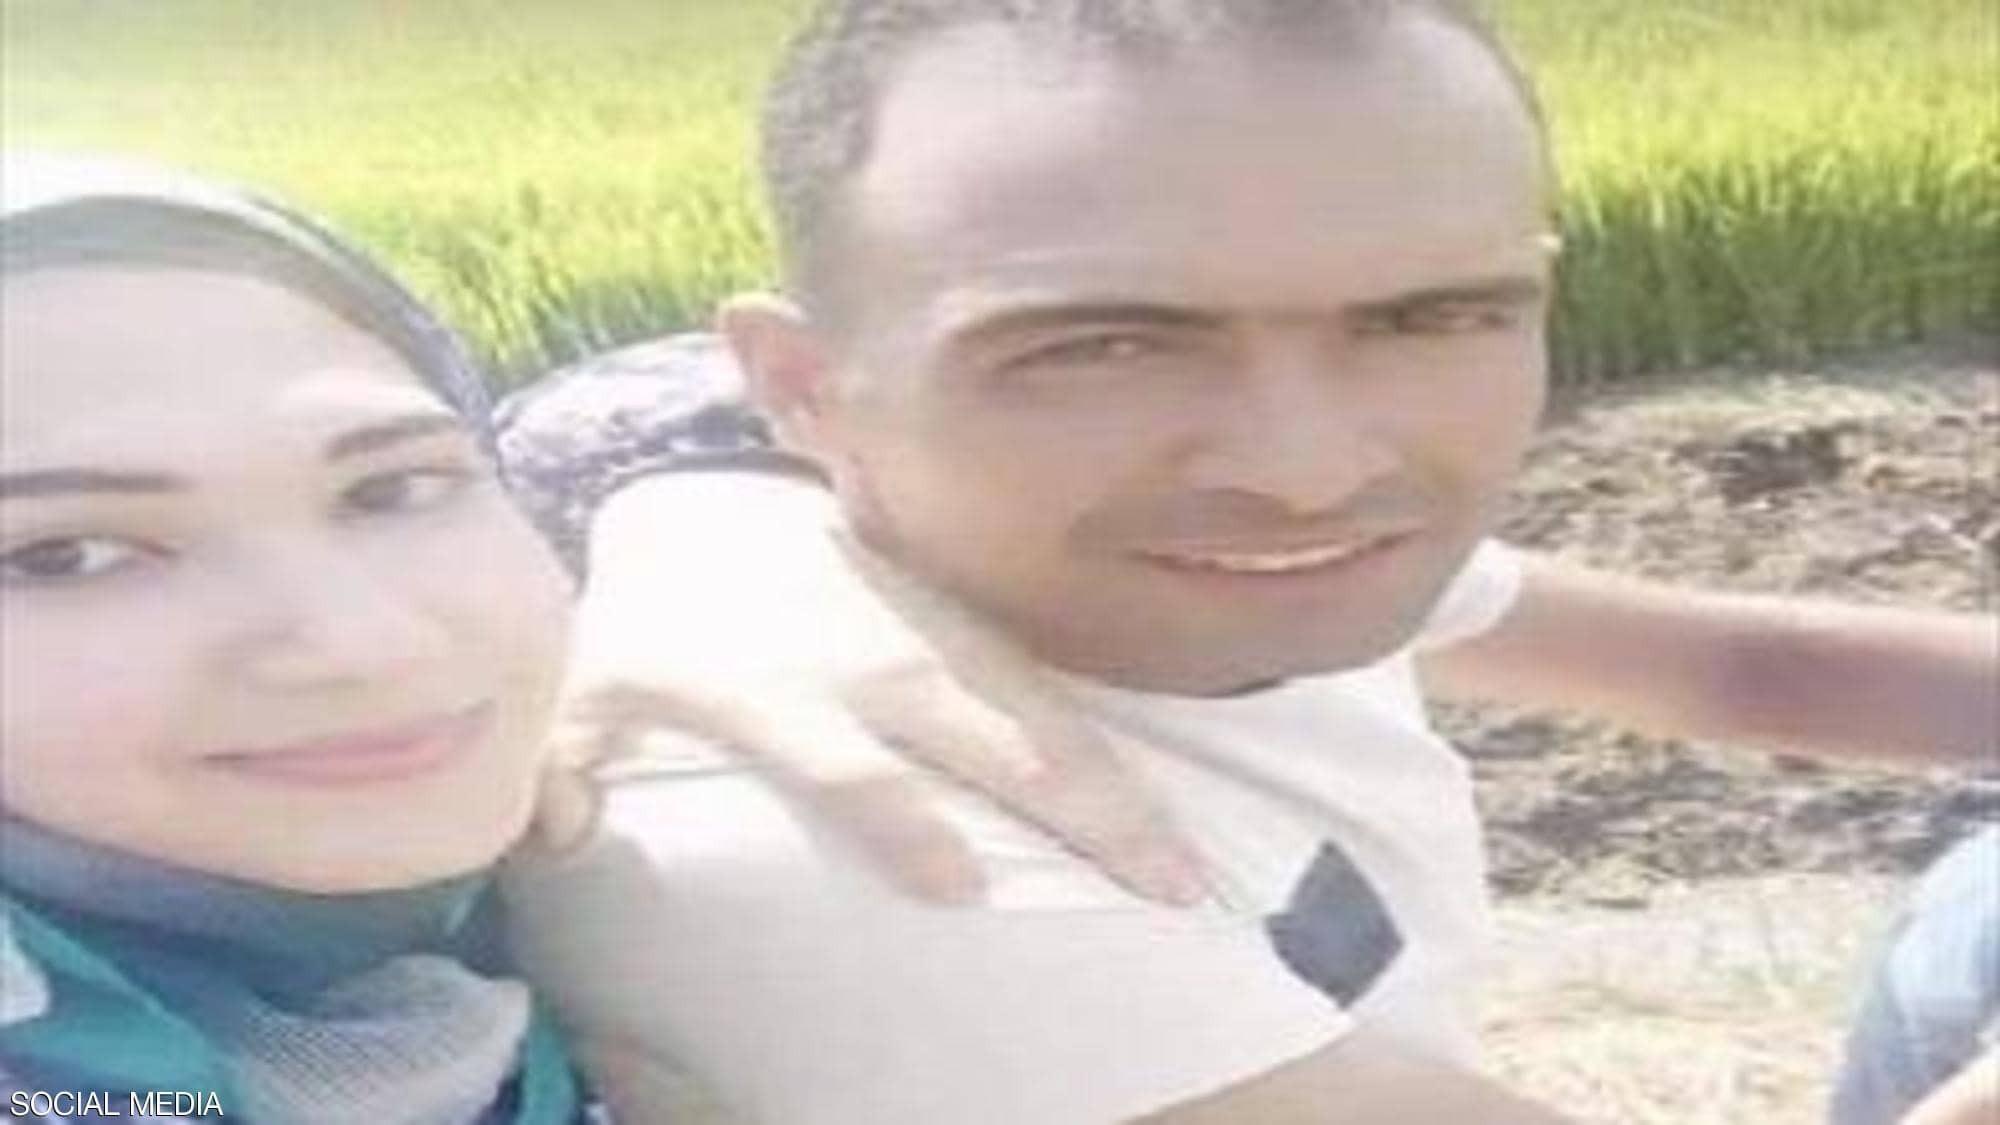 """شاهدوا: مصري يقتل """"زوجته"""" بمساعدة أمه بطريقة """"غريبة"""" بعد 25 يوما فقط من زواجهما"""